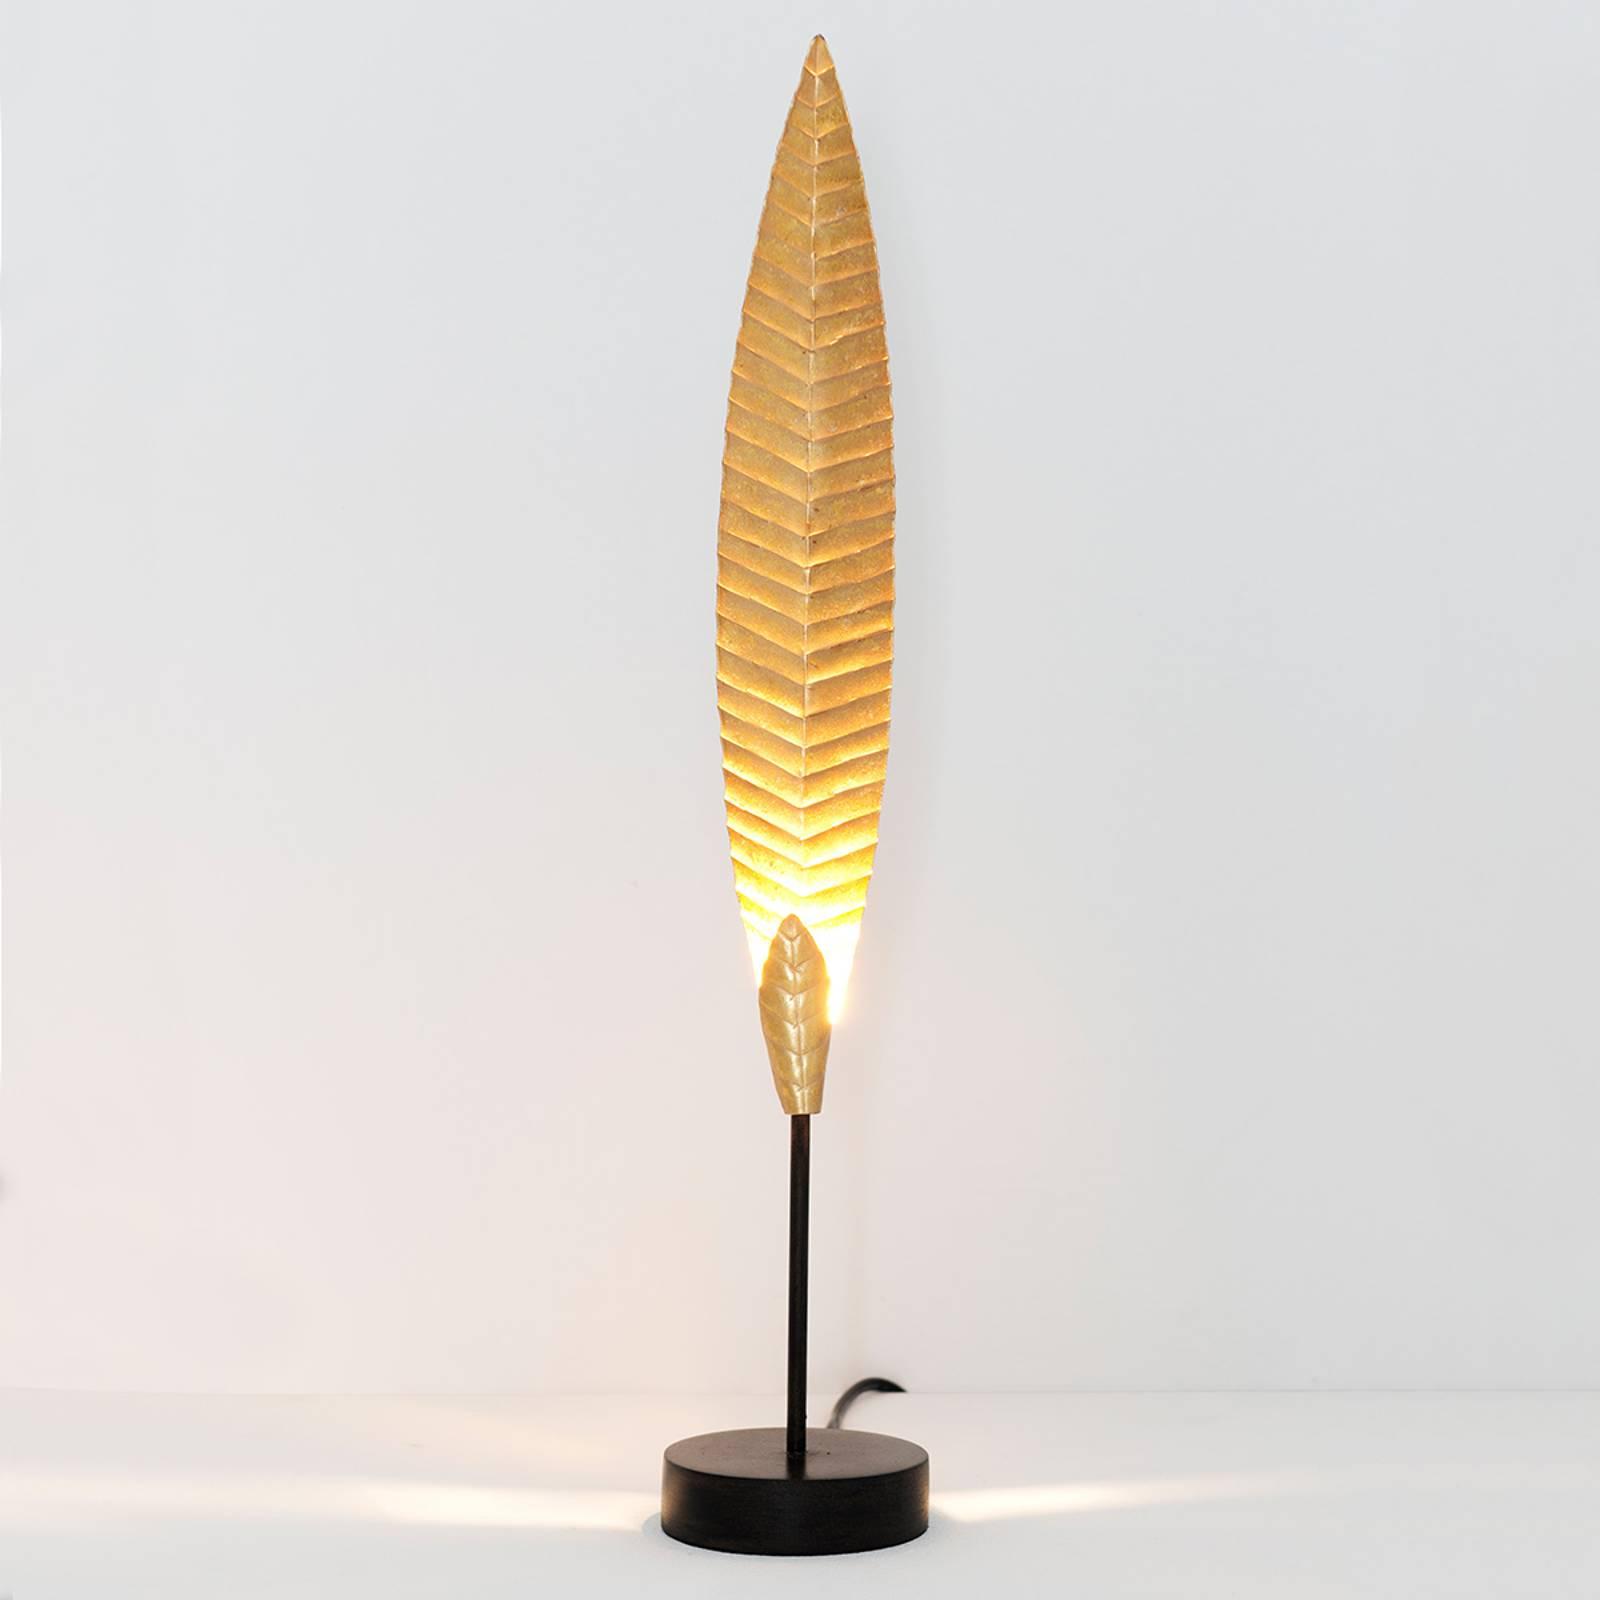 Tafellamp Penna goud hoogte 51 cm